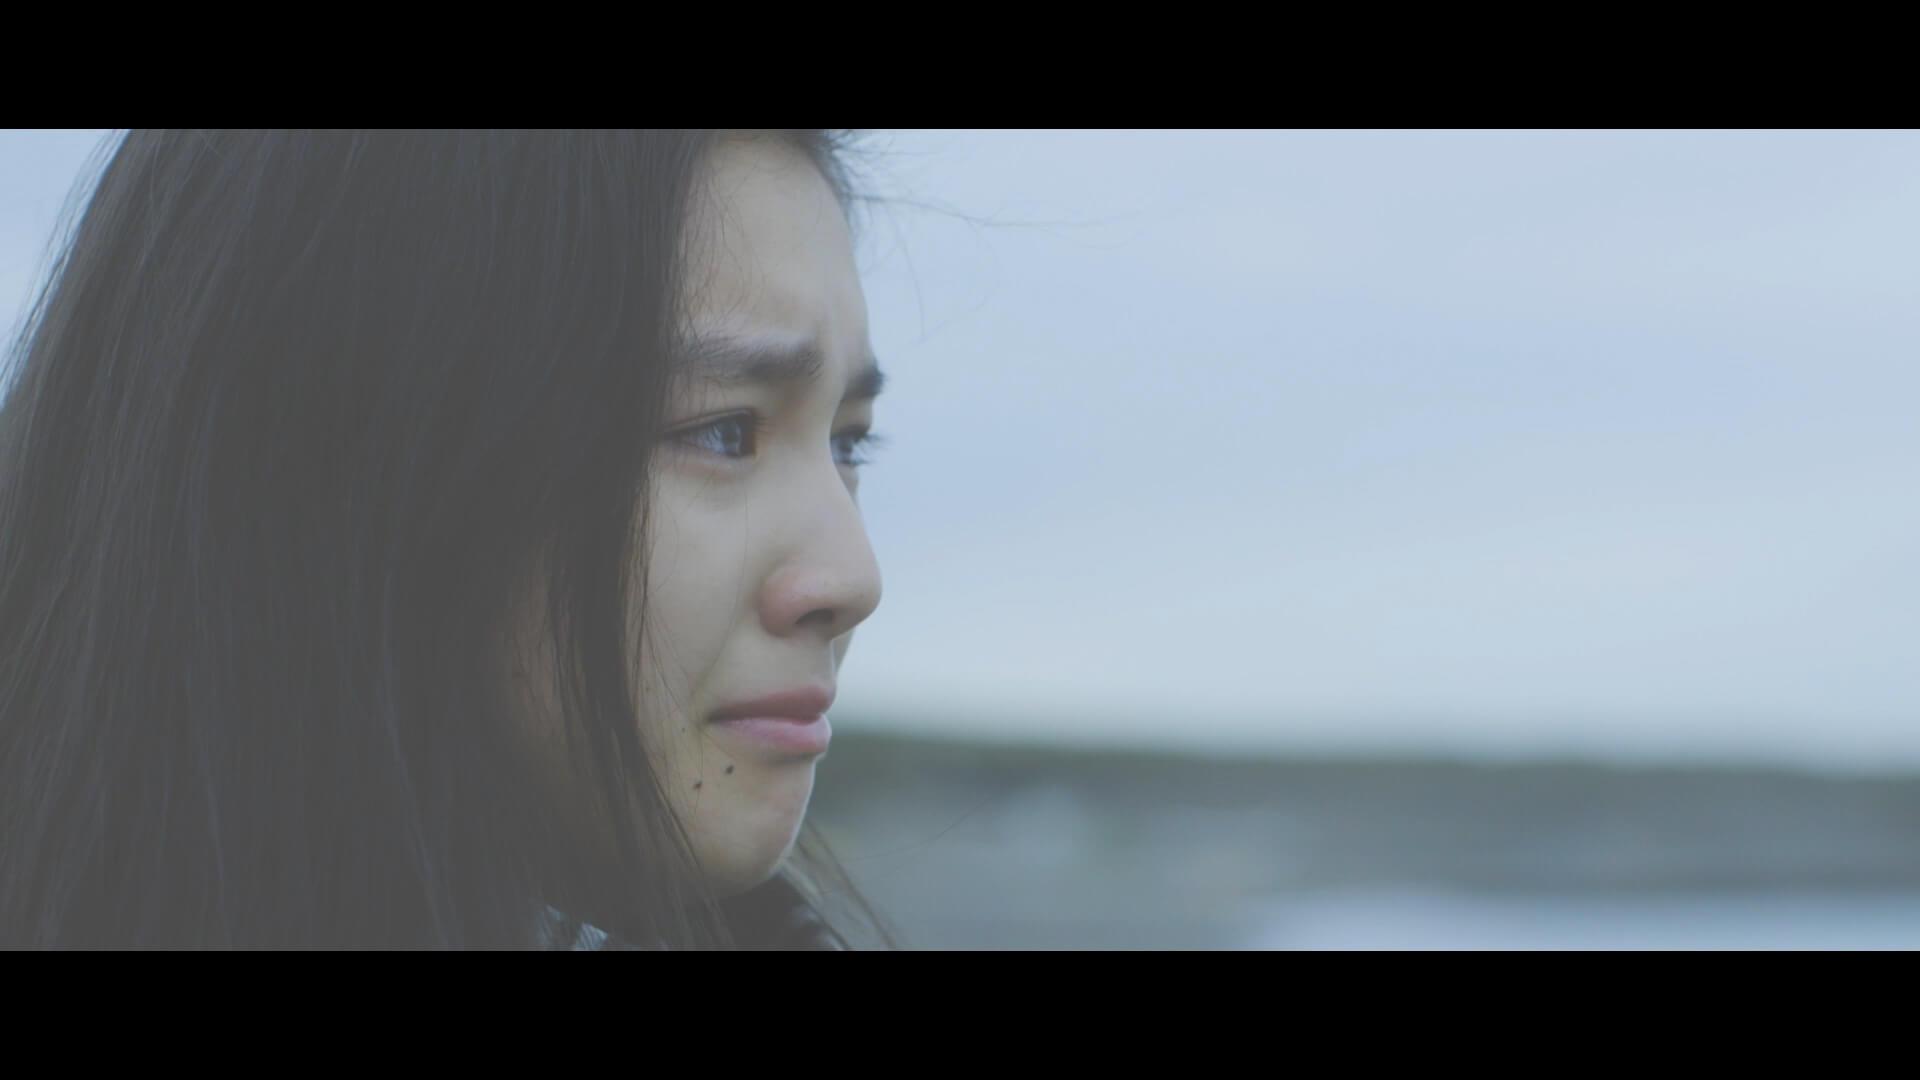 Uru 「プロローグ」CDリリース記念に24時間限定MVフルサイズ公開&サブスク情報解禁